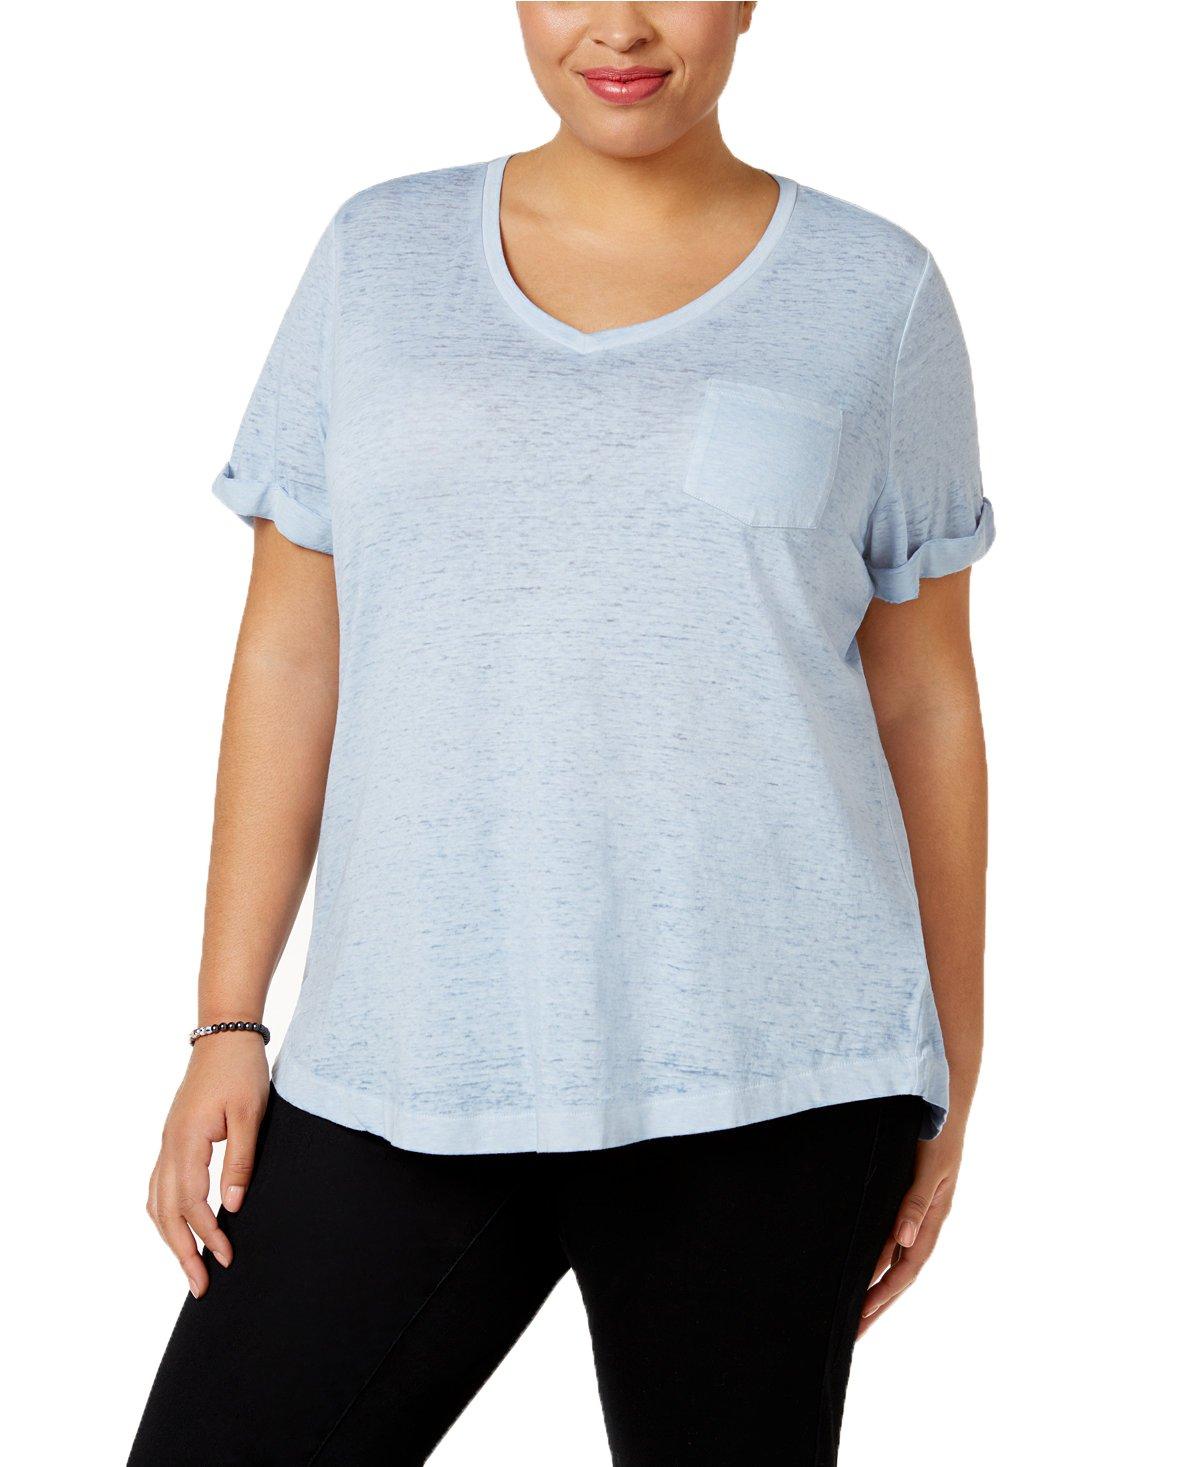 Style & Co. Womens Plus Burnout V-Neck T-Shirt Blue 1X